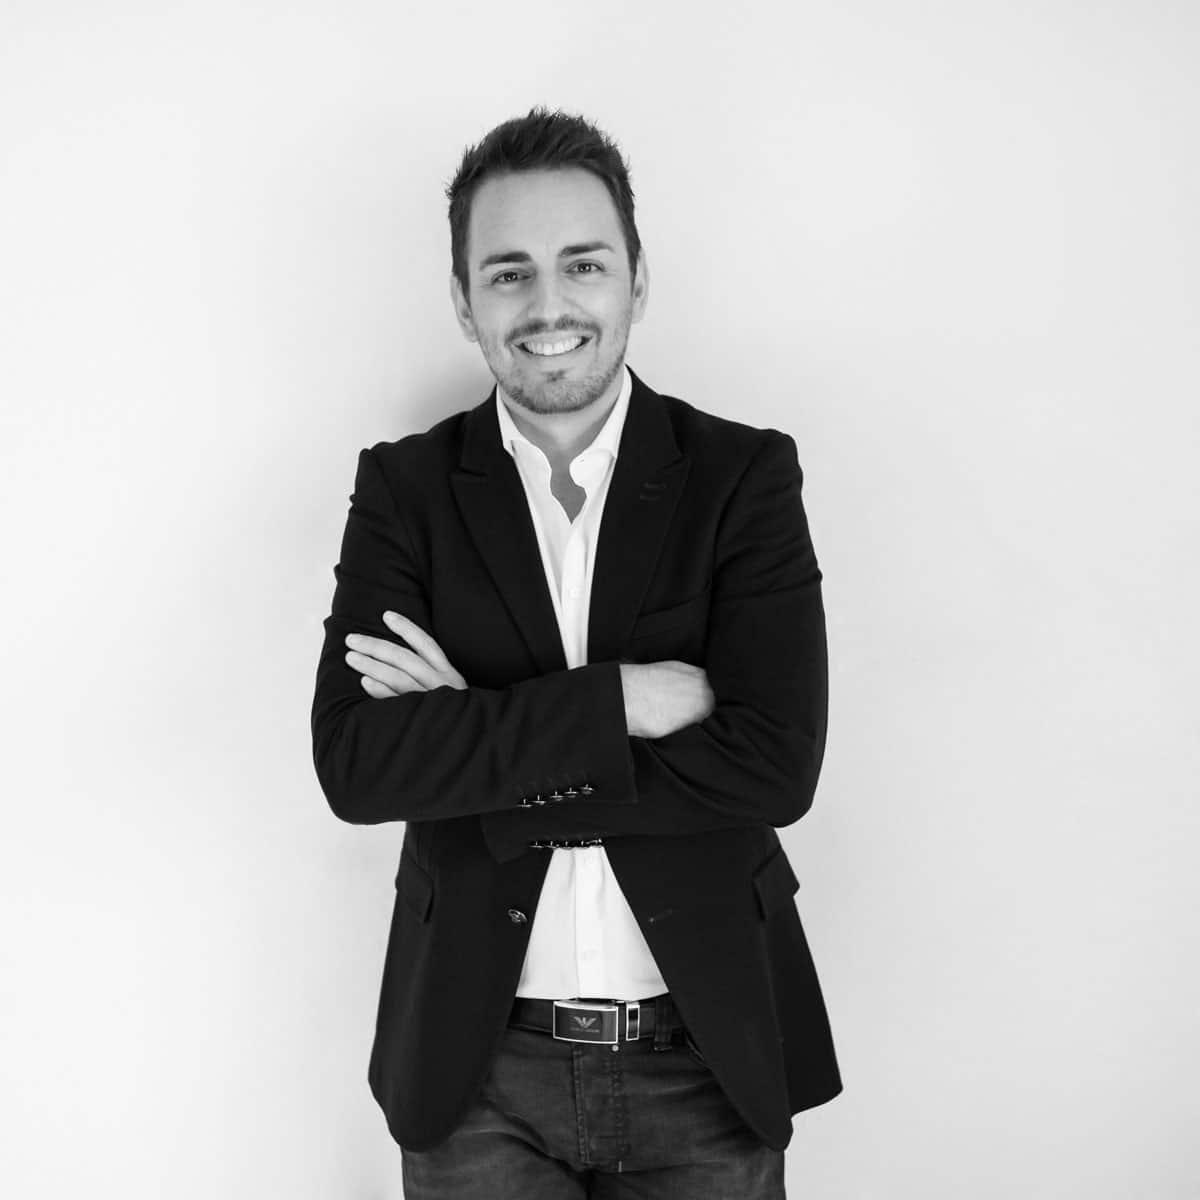 Cristian Torrents - Projektleiter von Mauskunst